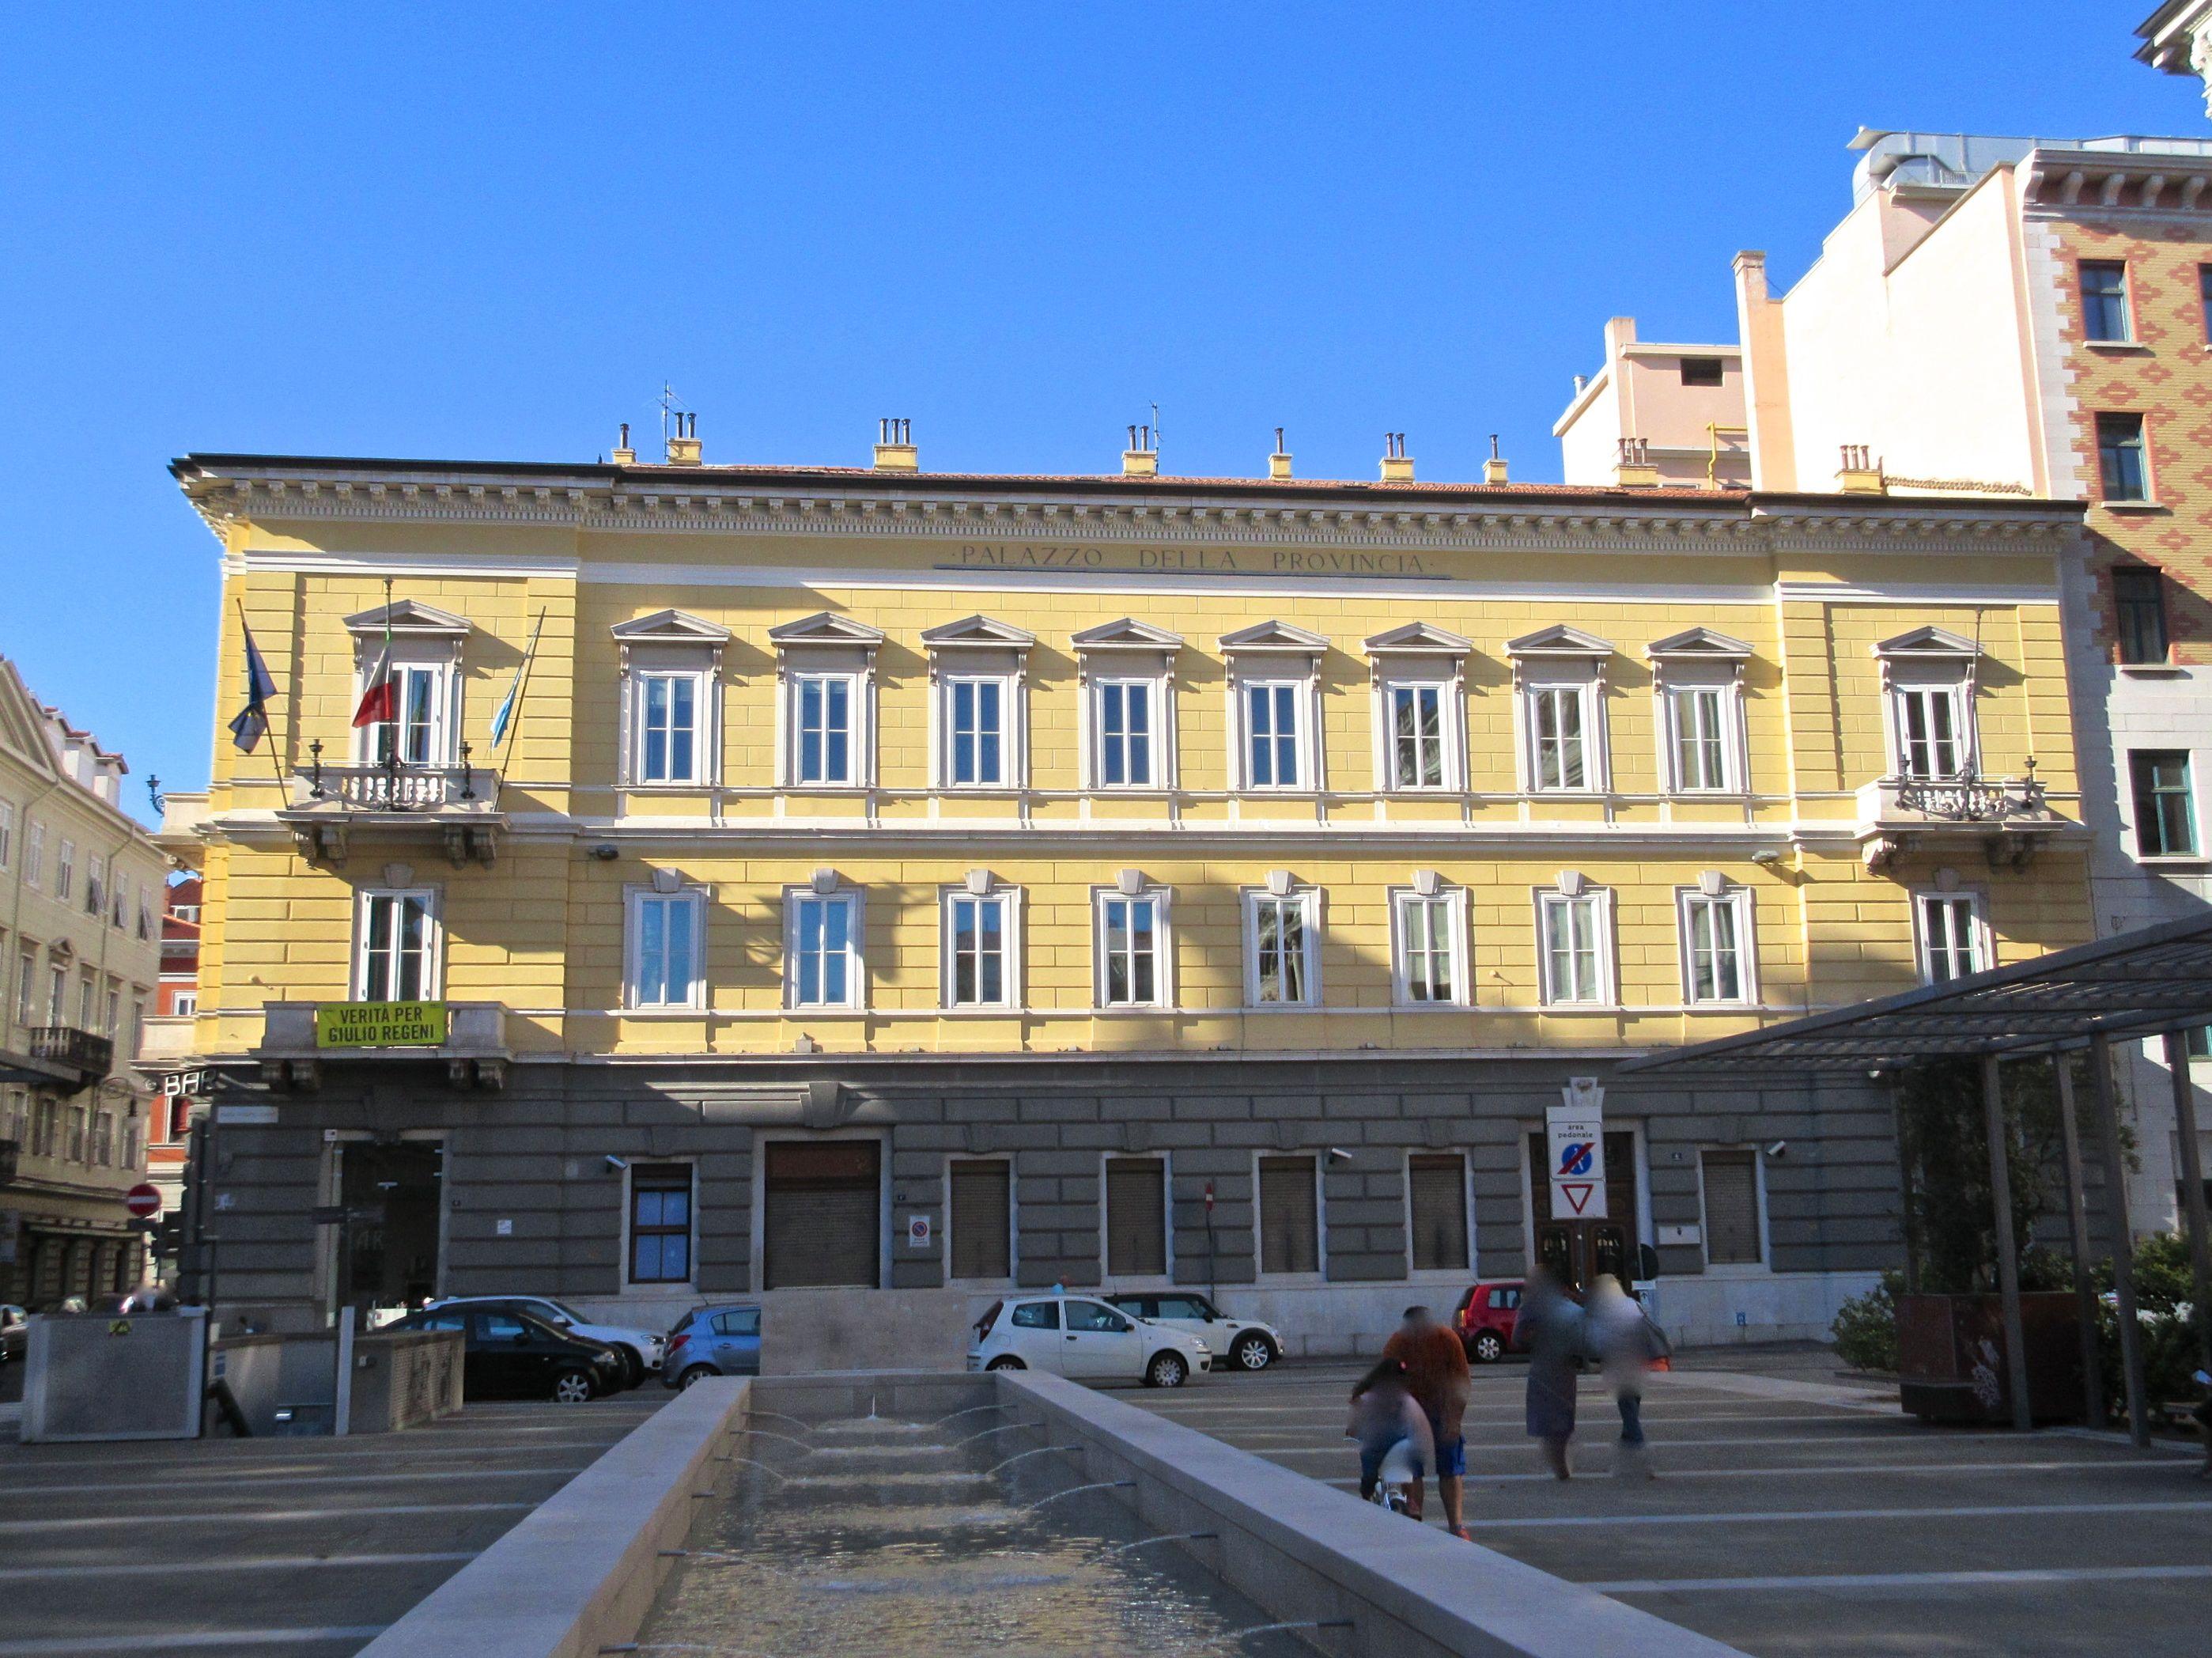 Provincia di Trieste - Wikipedia